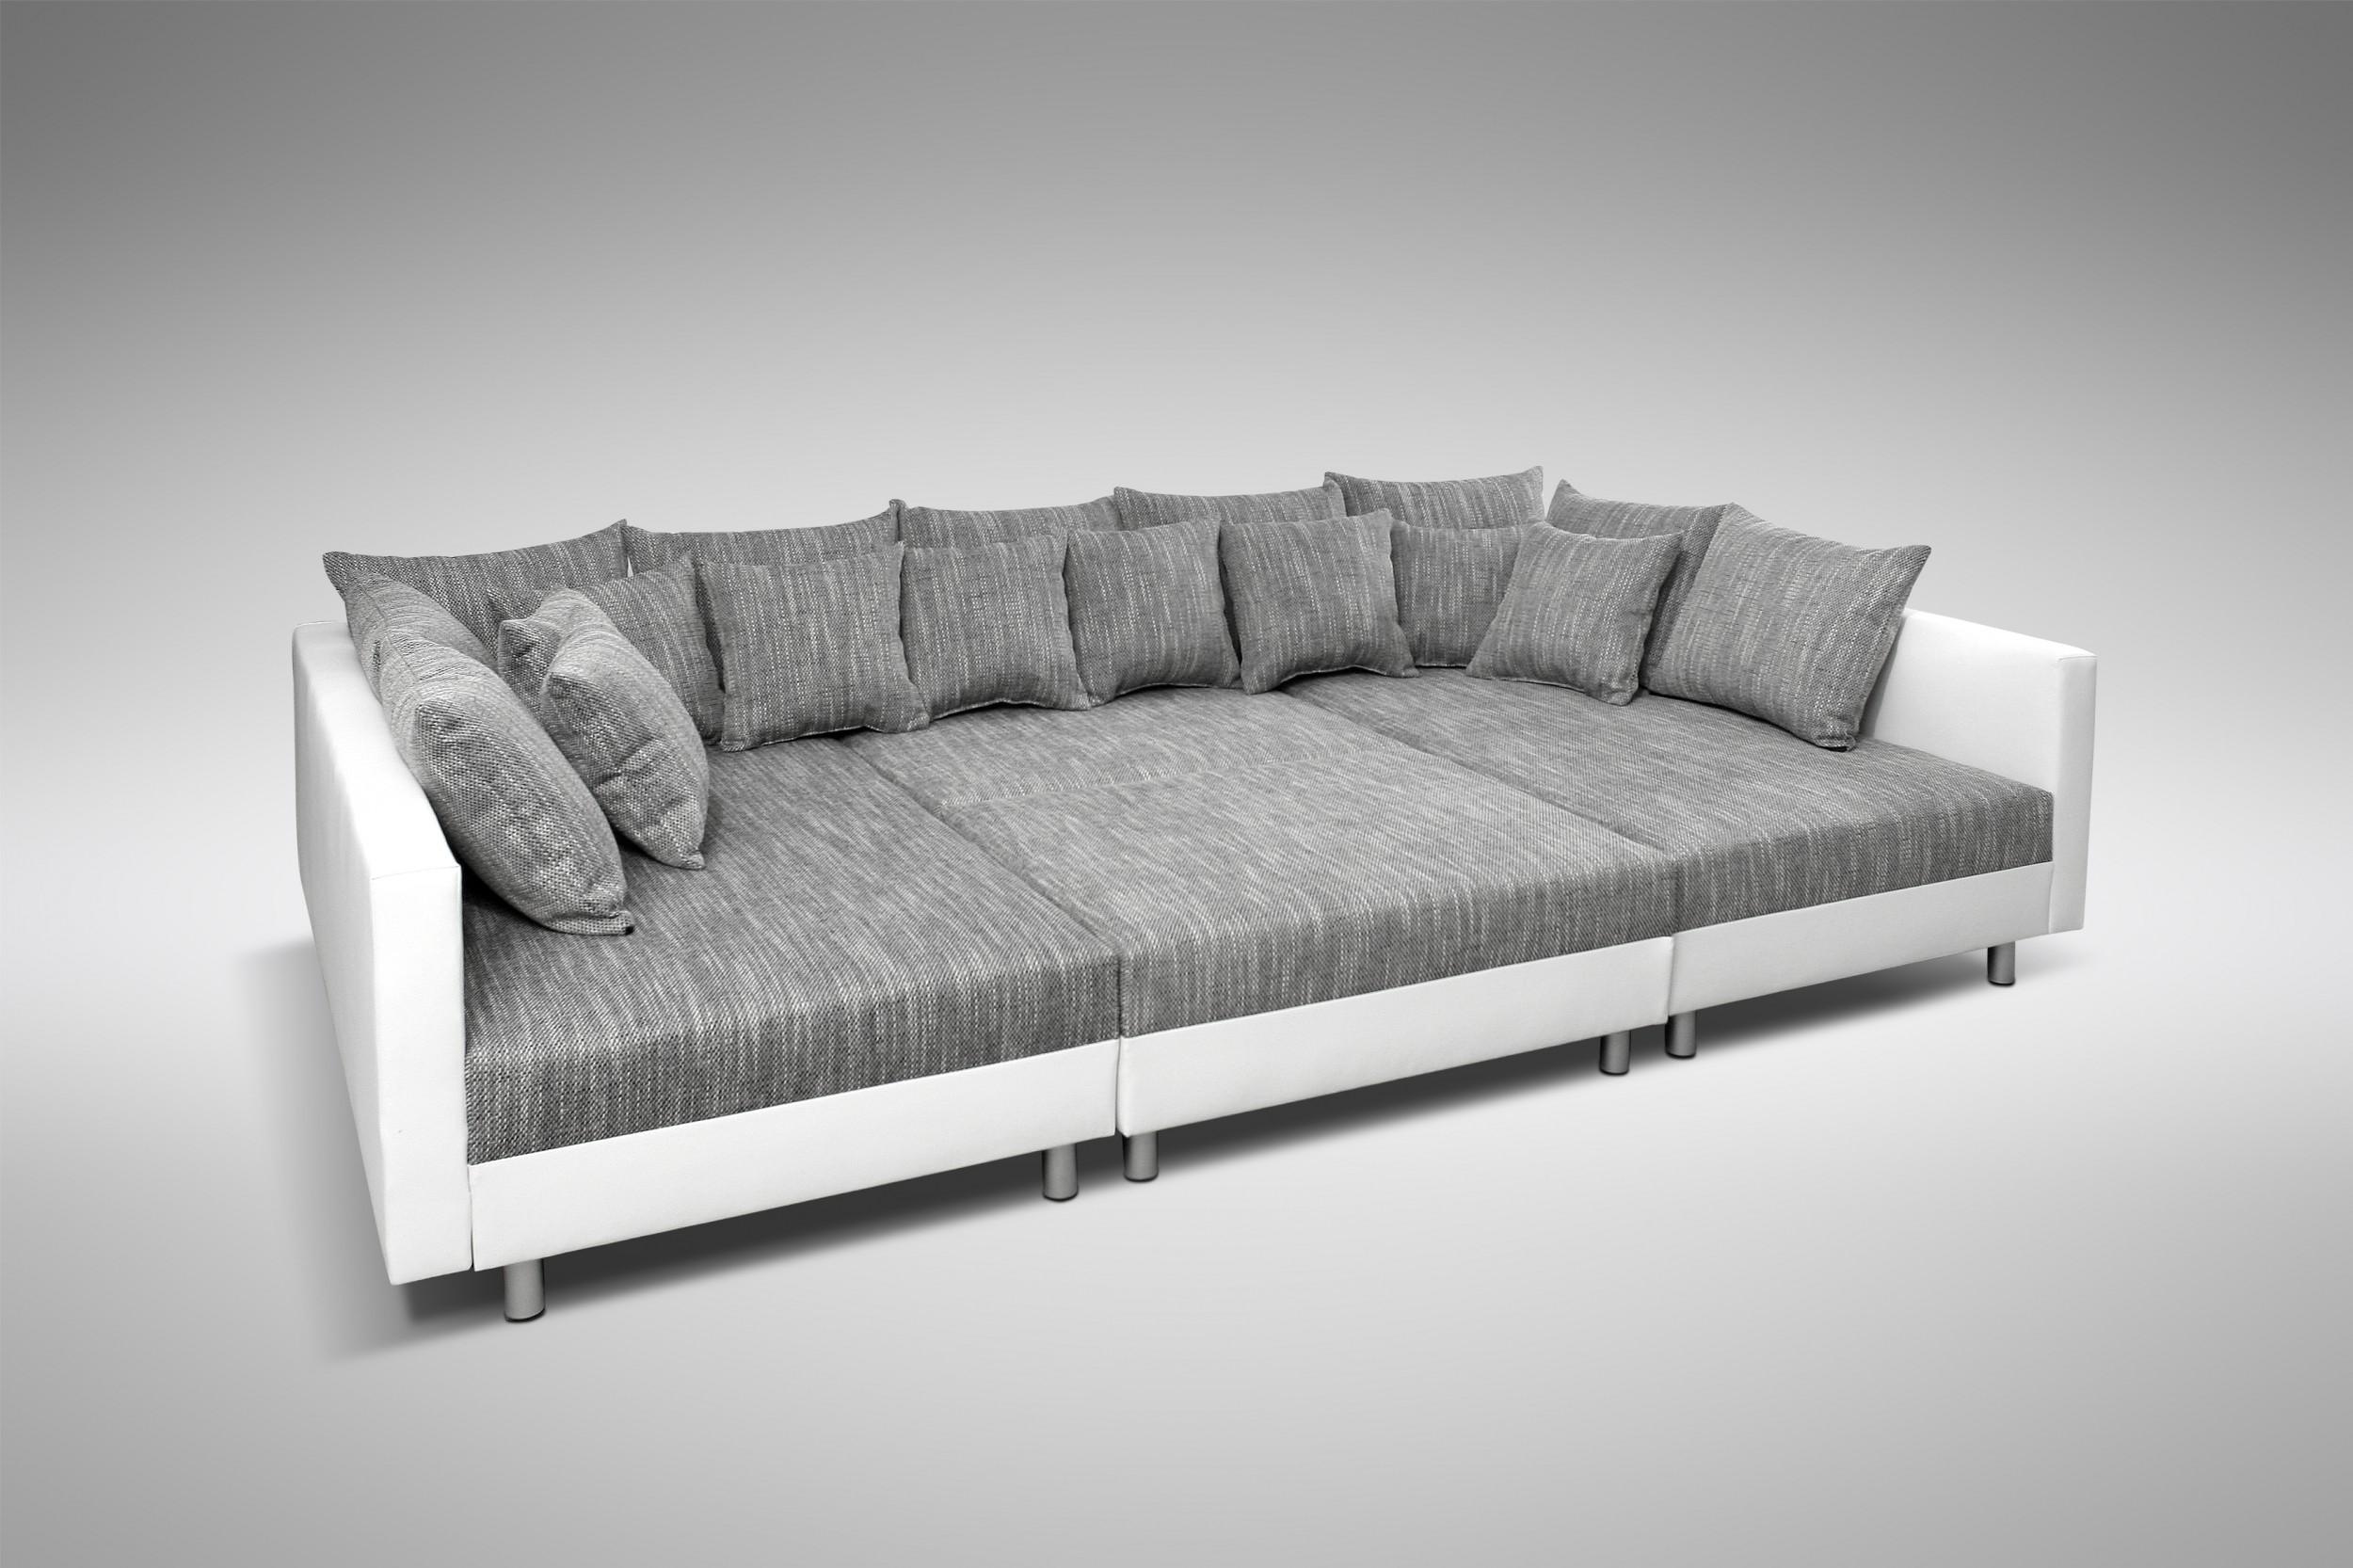 Full Size of Sofa Couch Ecksofa Eckcouch In Weiss Hellgrau Mit Hocker Big Kaufen Braun Sam Rolf Benz Xxxl Blau Grünes Reiniger Polster Relaxfunktion 3 Sitzer Sofa Sofa Hocker